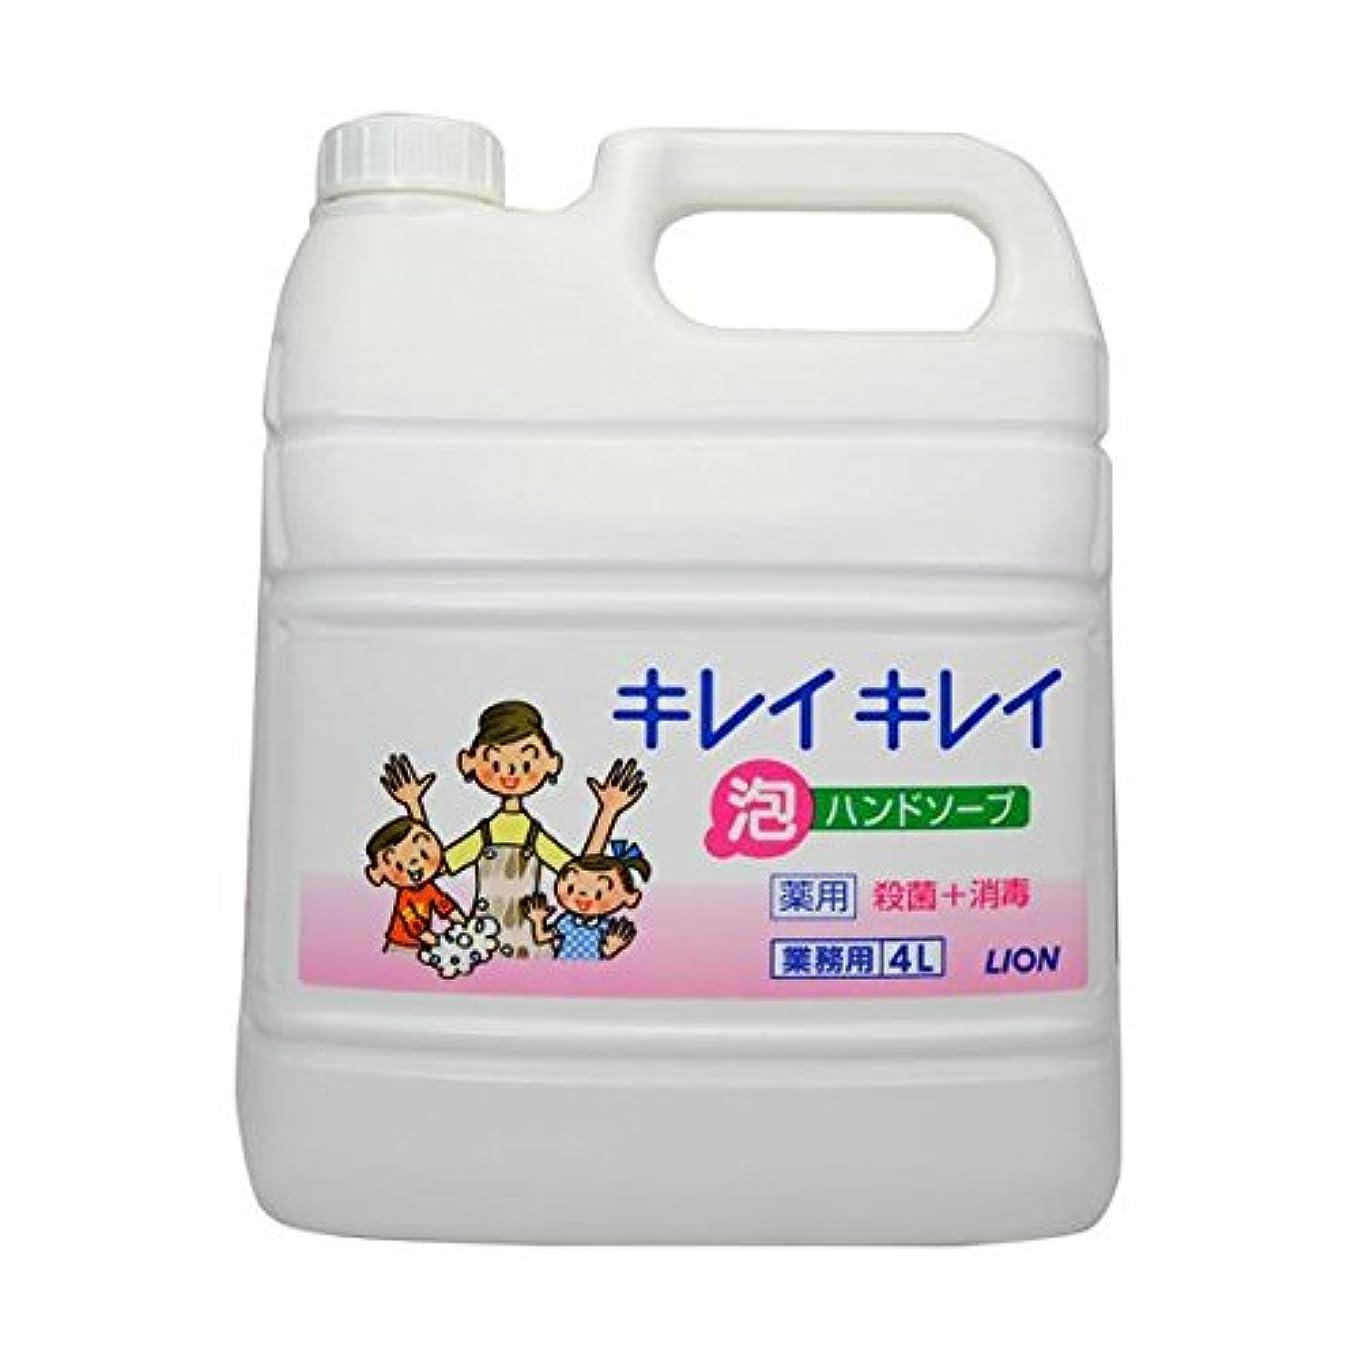 クローゼット発行ライトニングキレイキレイ薬用泡ハンドソープ 4Lボトル×2個+専用泡容器700mLセット